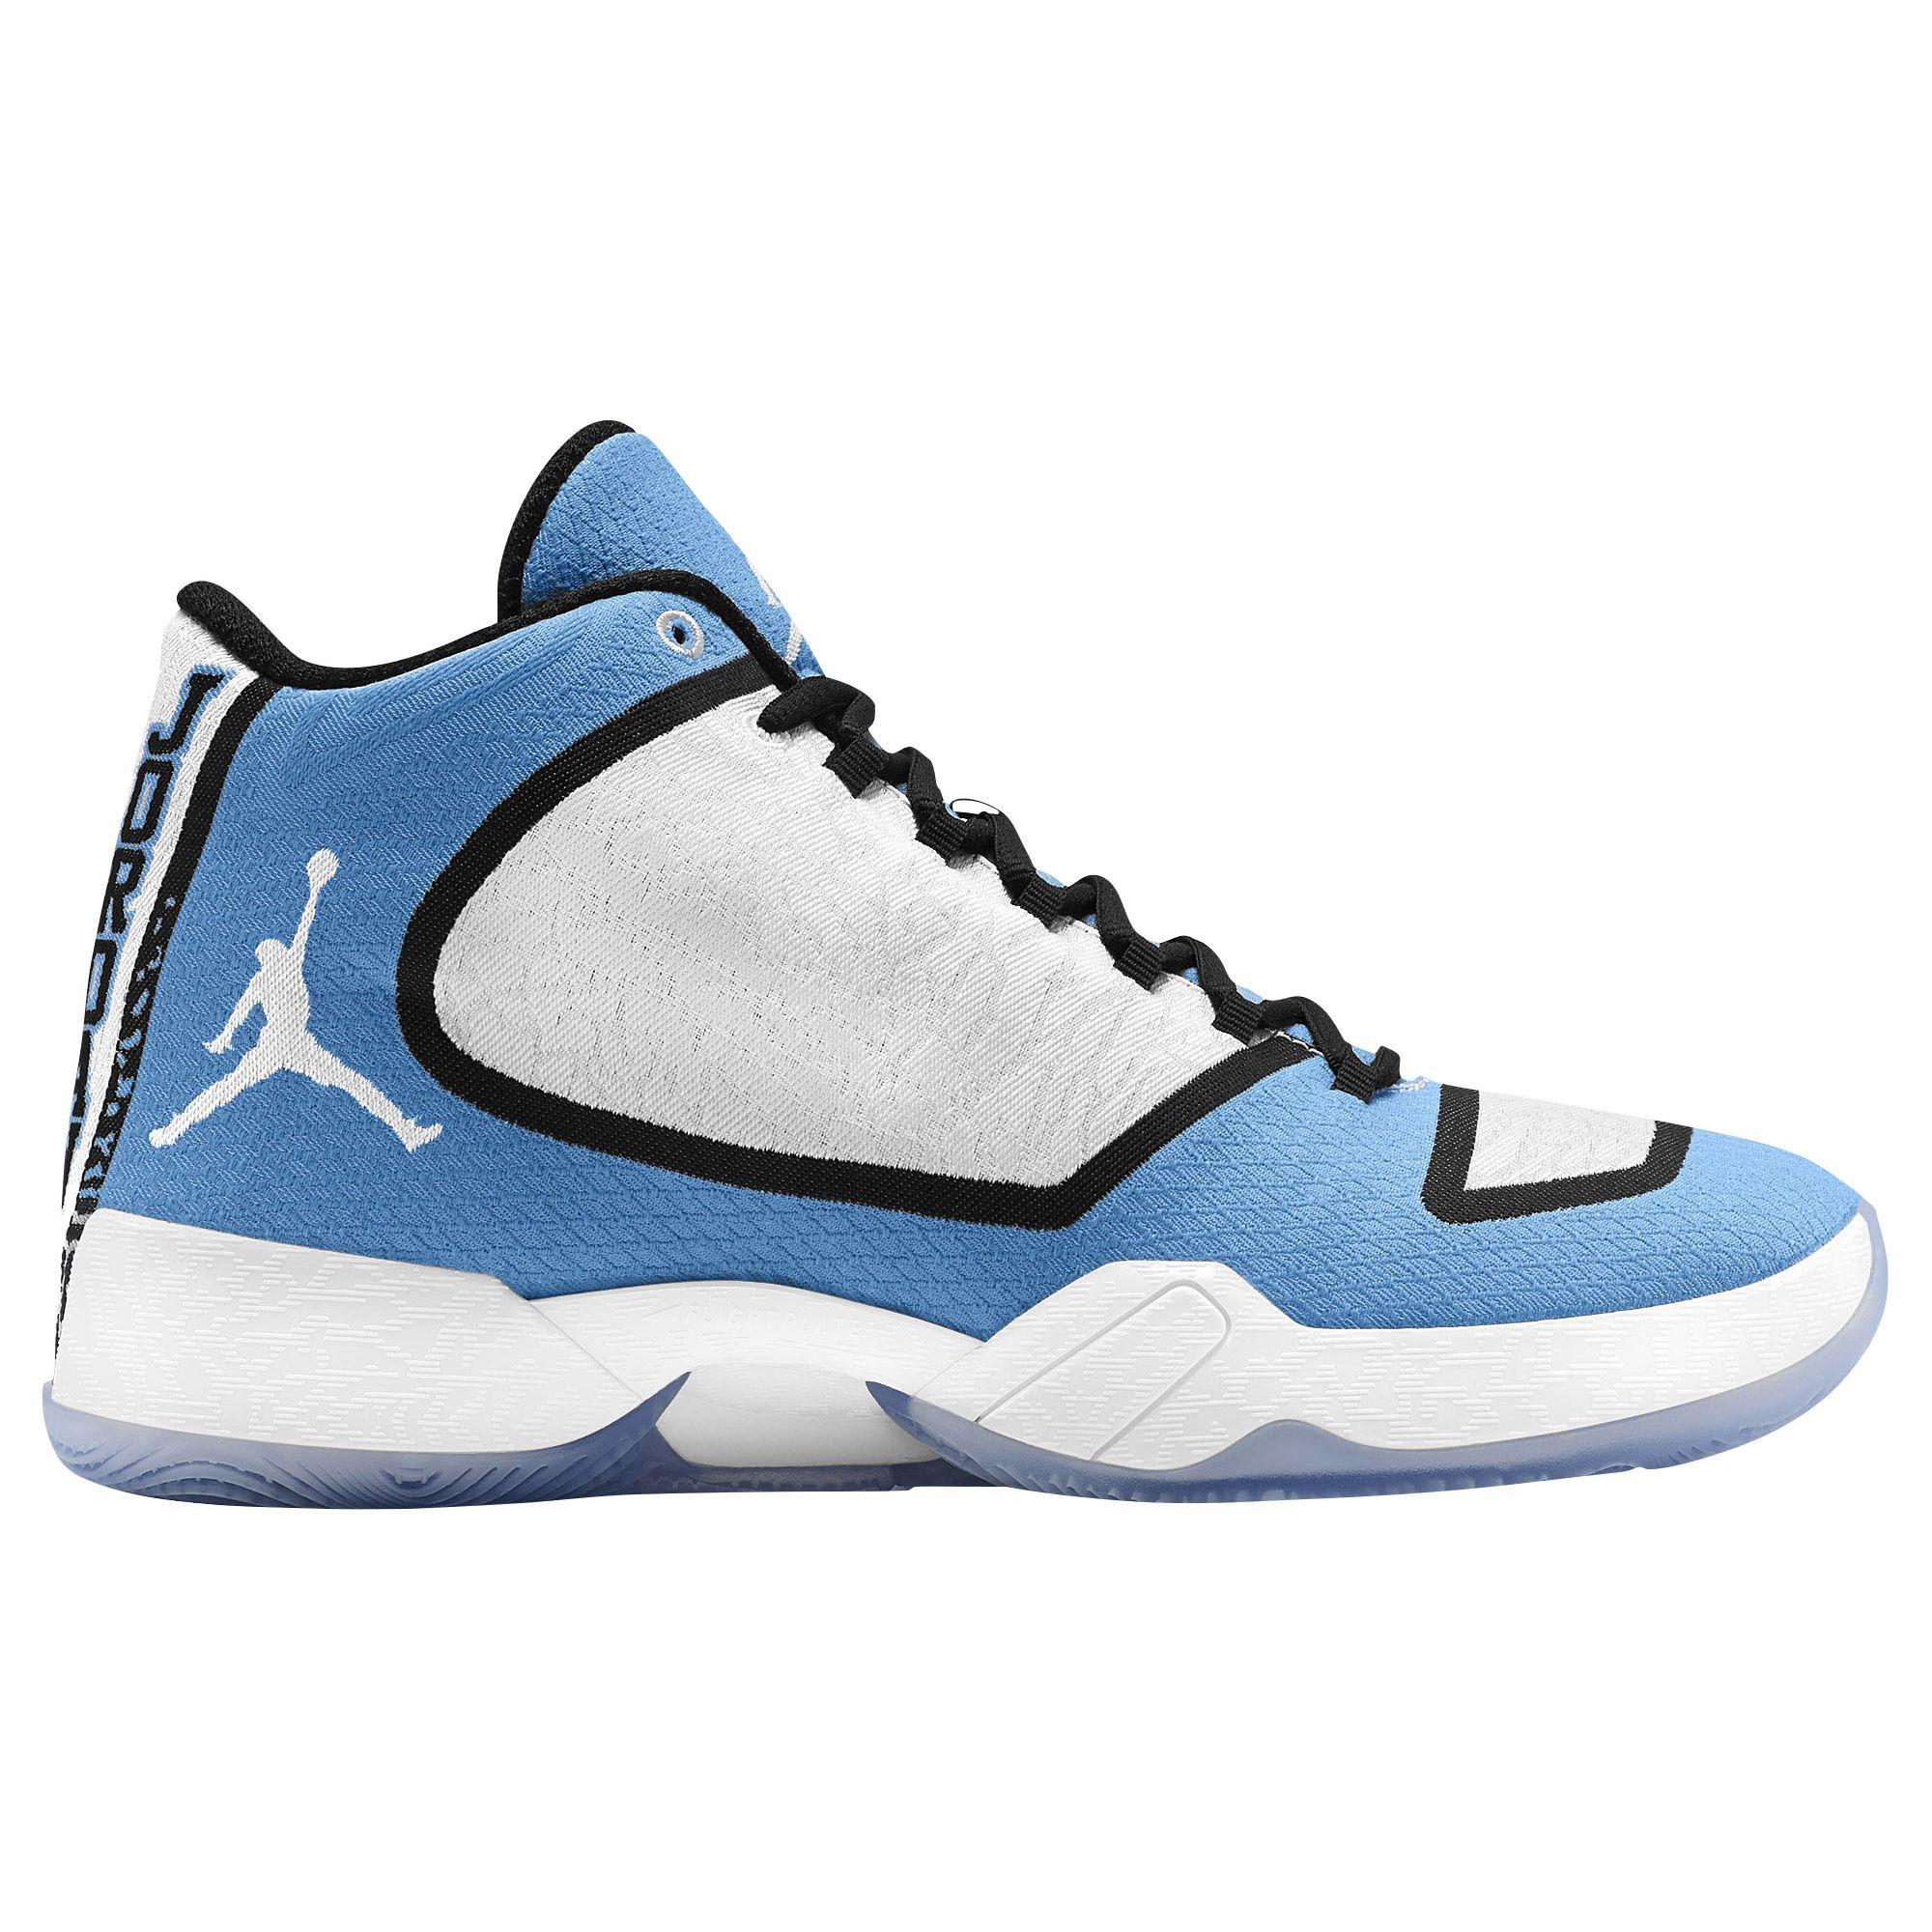 wholesale dealer 7fa37 4a466 Jordan AJ XX9 - Men s - Shoes